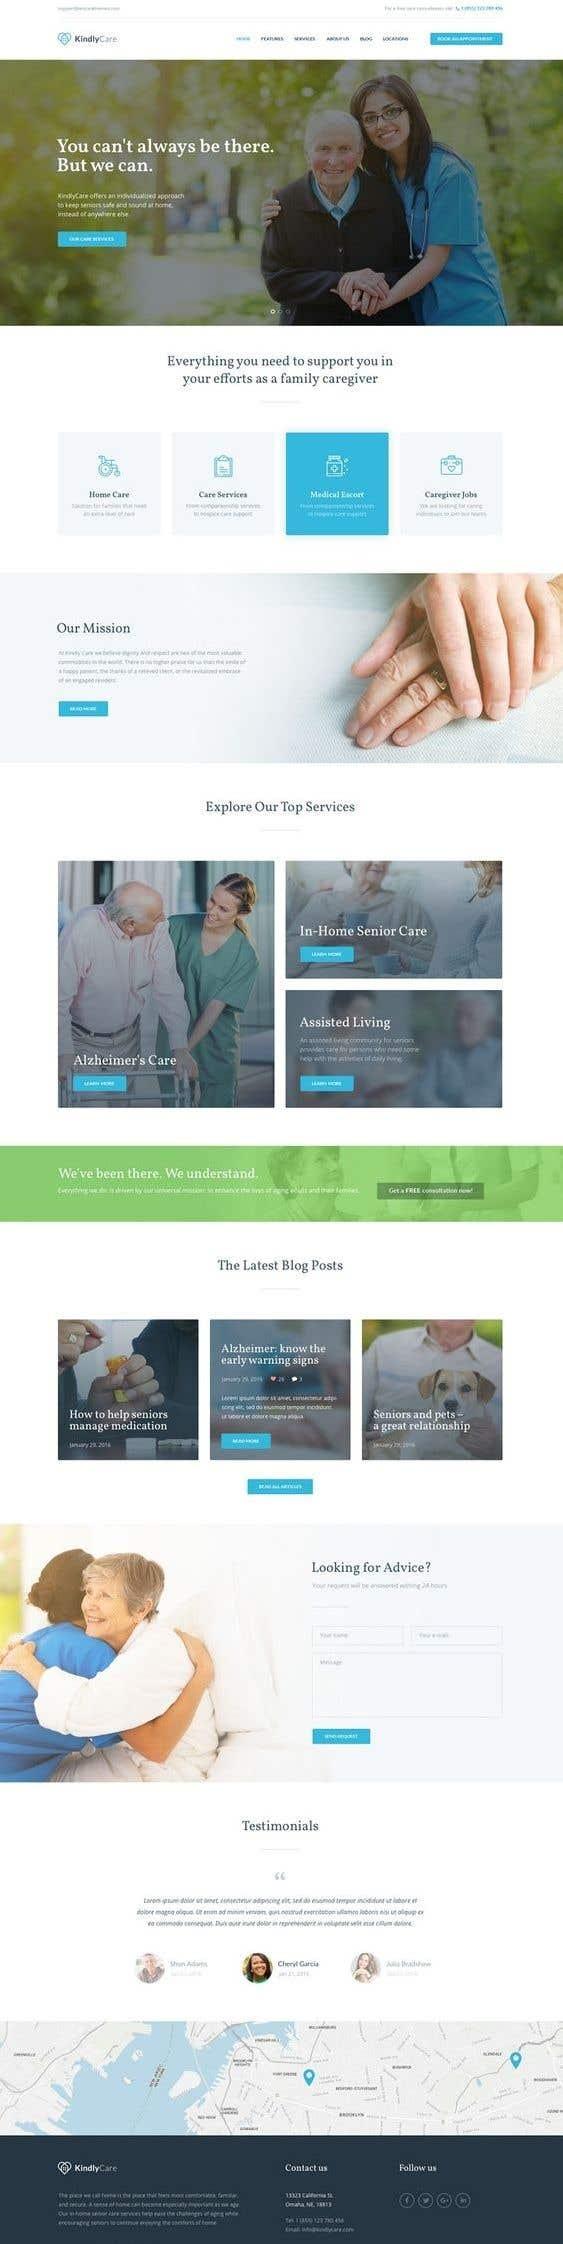 Penyertaan Peraduan #3 untuk Make a website mockup / visual design for our senior care home